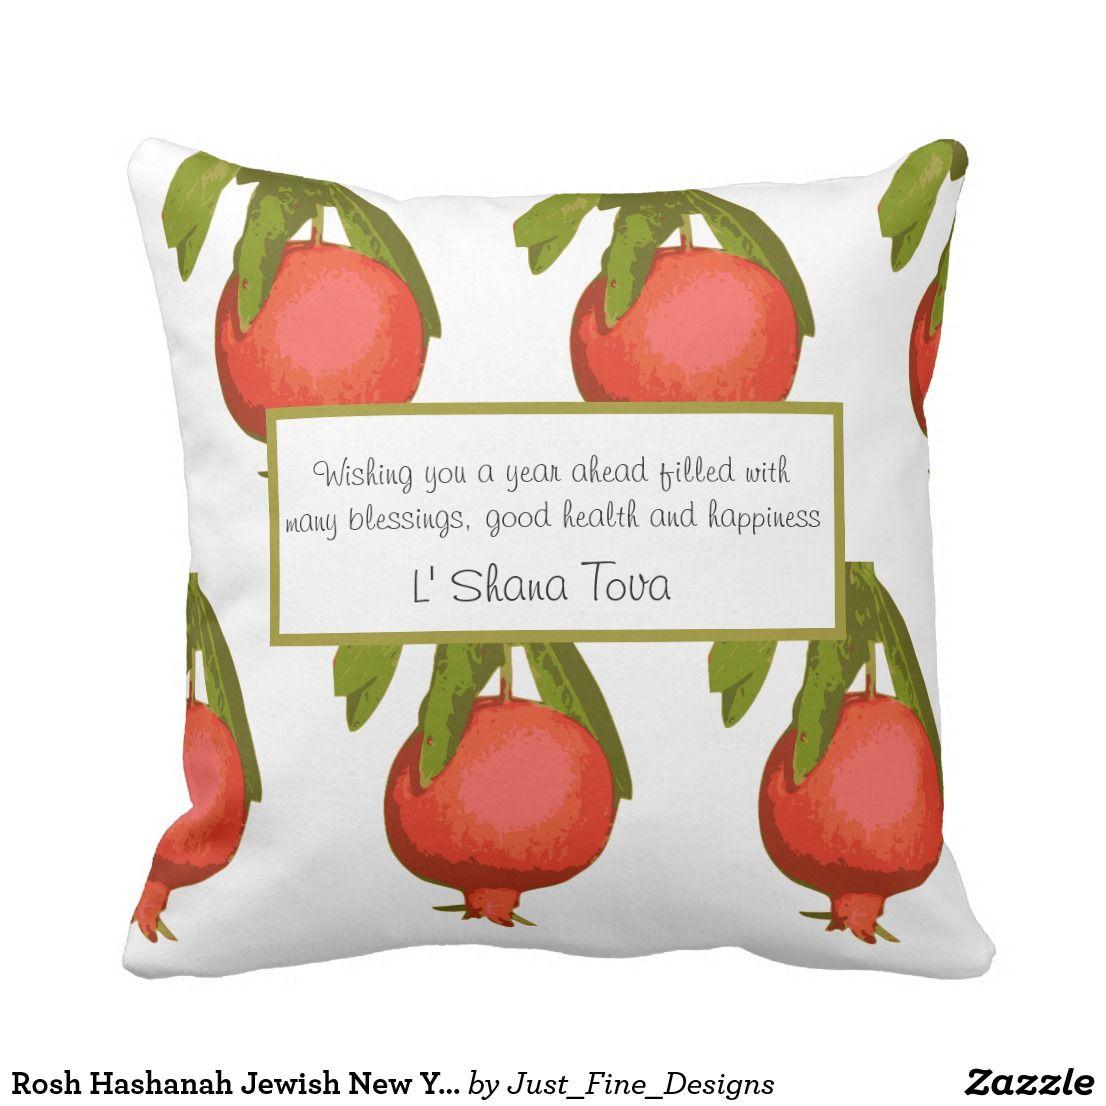 Rosh Hashanah Jewish New Year Greeting Throw Pillow Zazzle Com